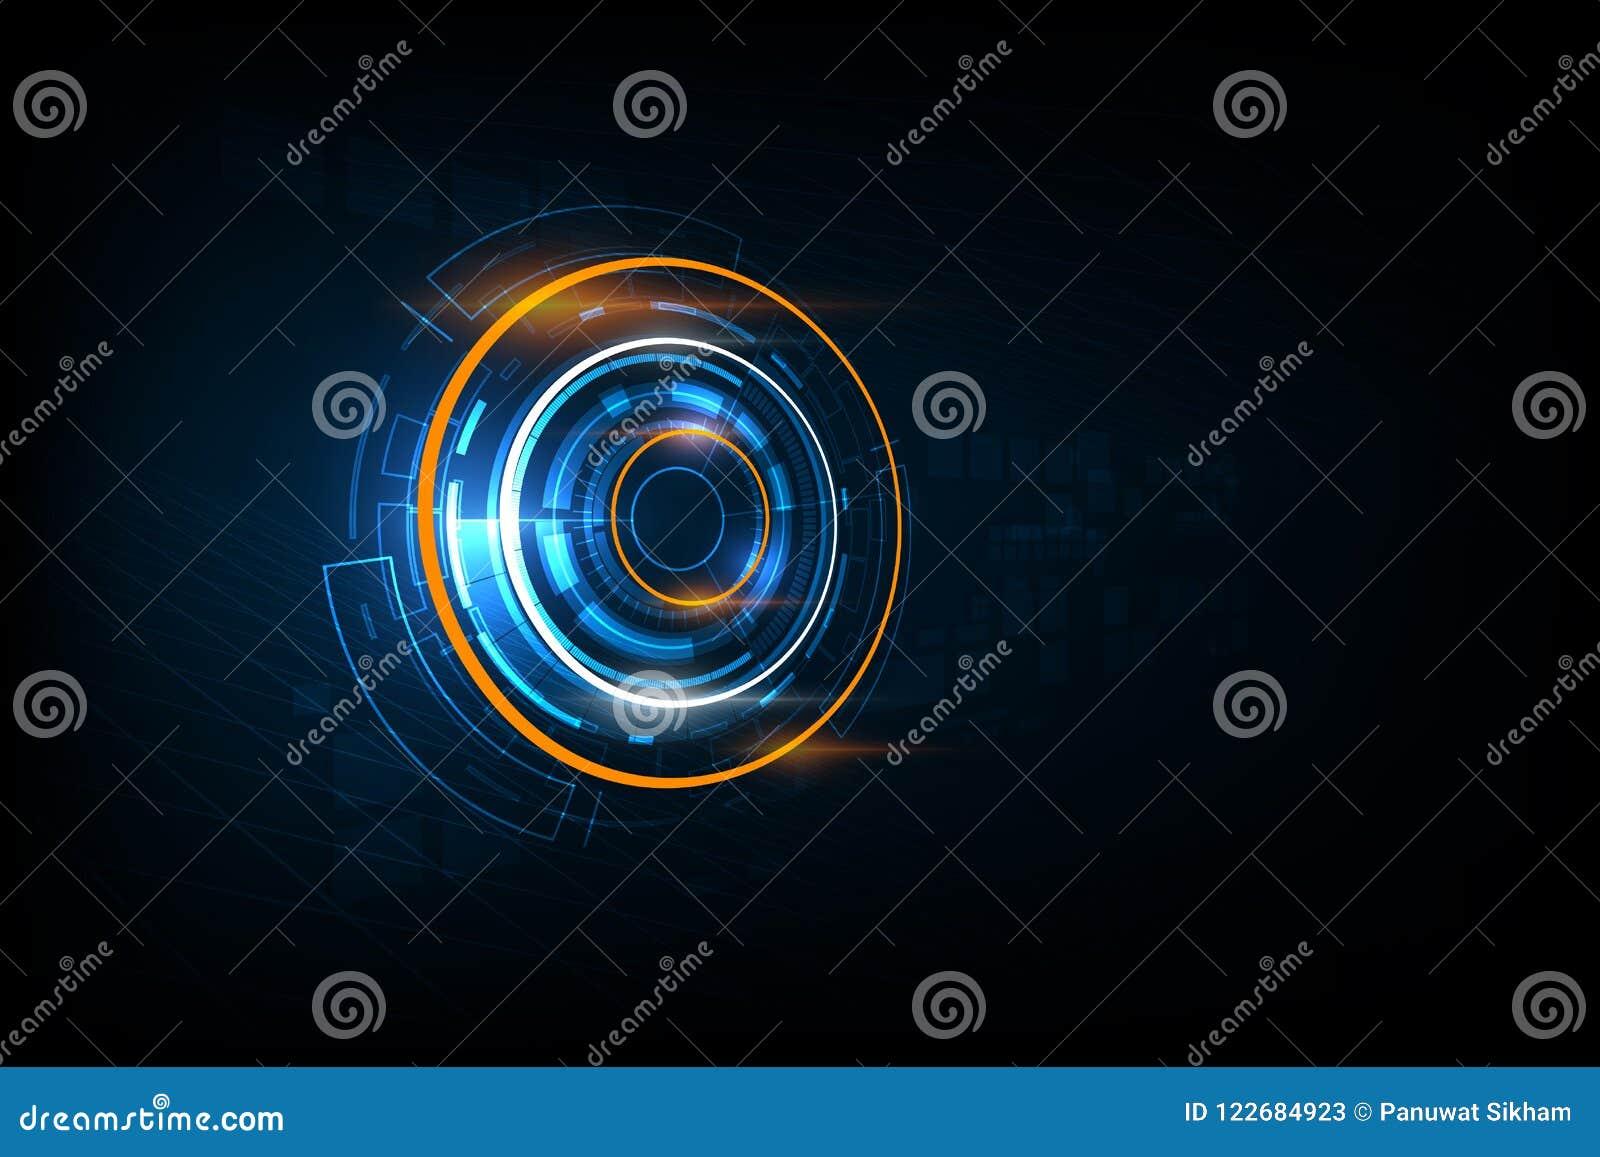 Fondo futurista abstracto de la tecnología de circuito electrónico, VE